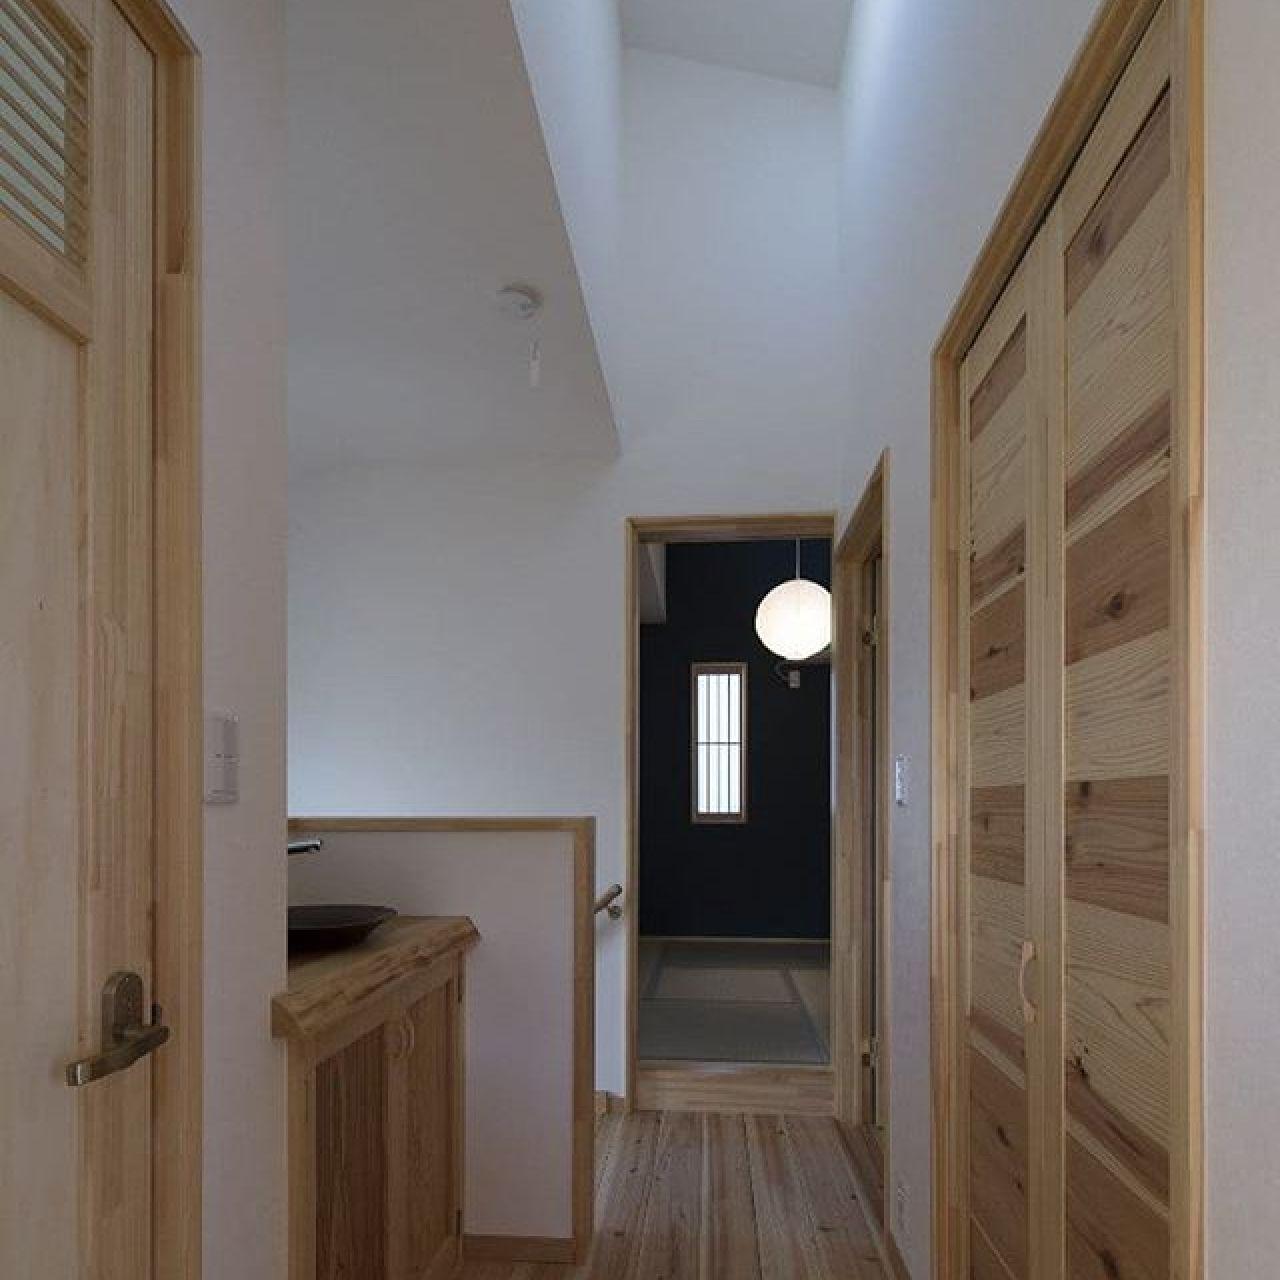 暗くなりがちな北側のホールでも天井を高くして北側からの採光をとればこんなに明るくなります。左手にトイレのドア、並びに手洗いコーナー、正面が畳コーナー、右手にファミリークローゼット。#自然素材住宅 #杉板 #ファミリークローゼット #オリジナル建具 #手作り#採光の工夫#造作洗面台 #注文住宅 #ナチュラル #和モダンな家